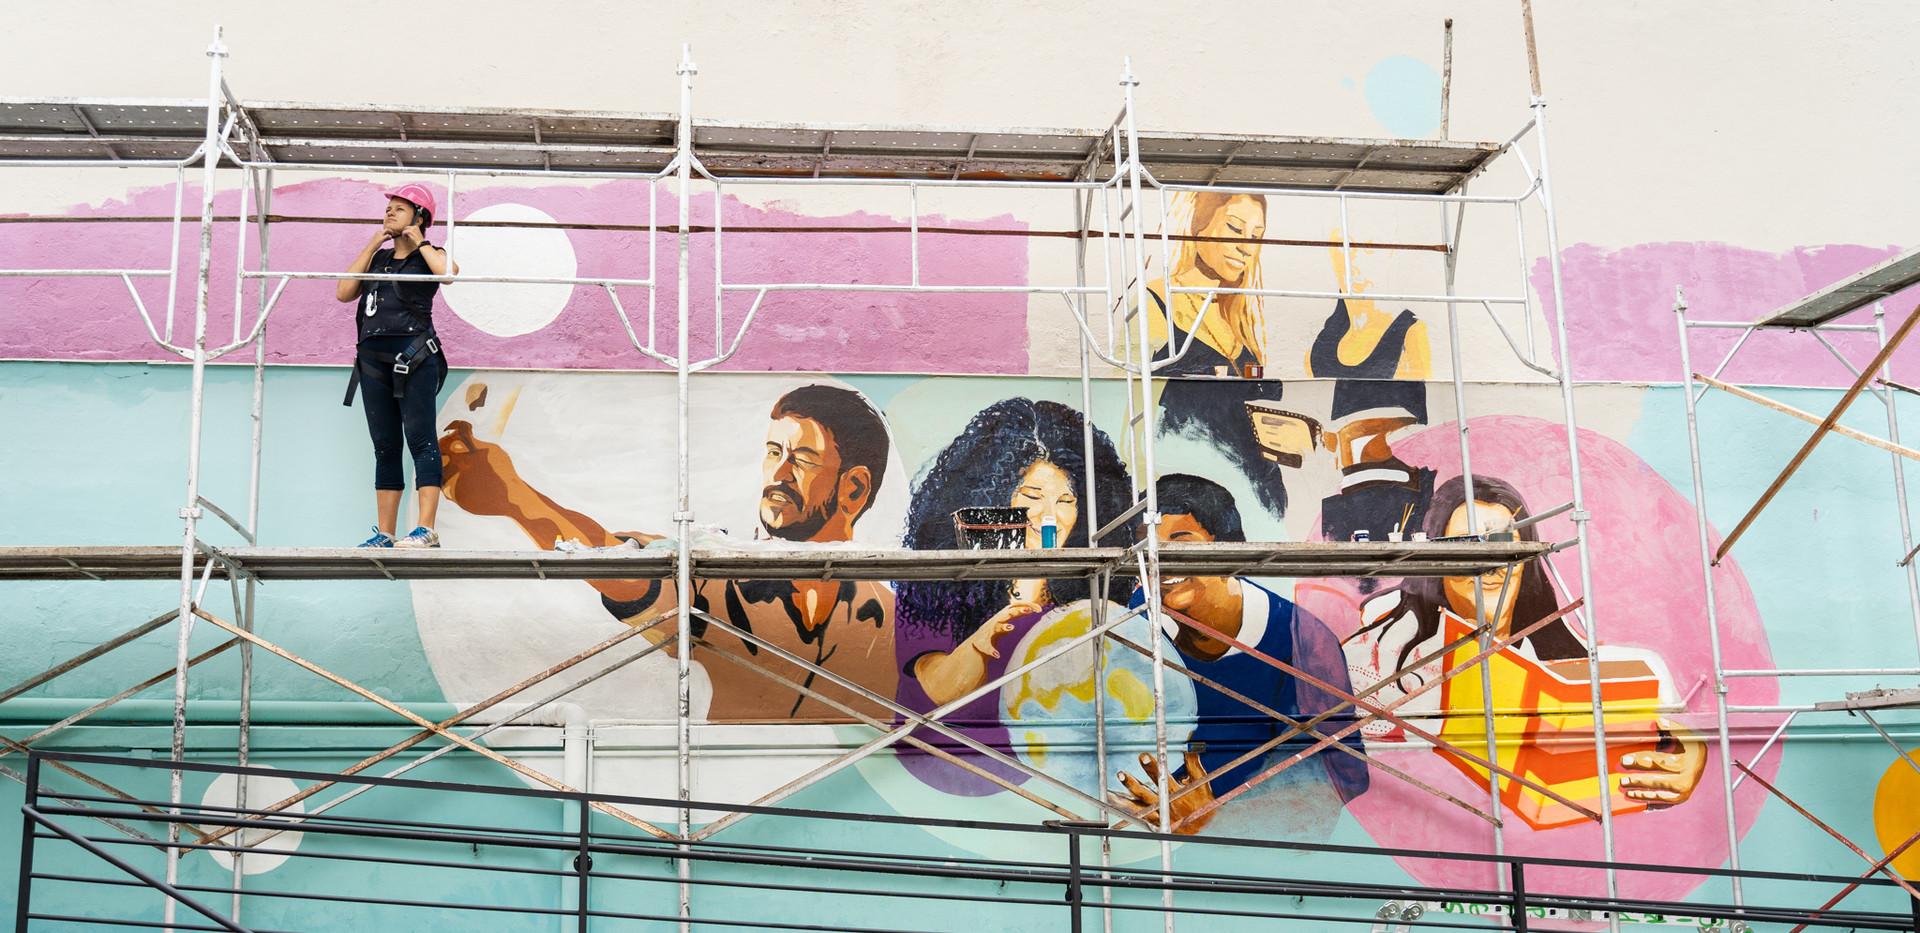 Priscapaes - Mural - 18-03-20 (56).jpg